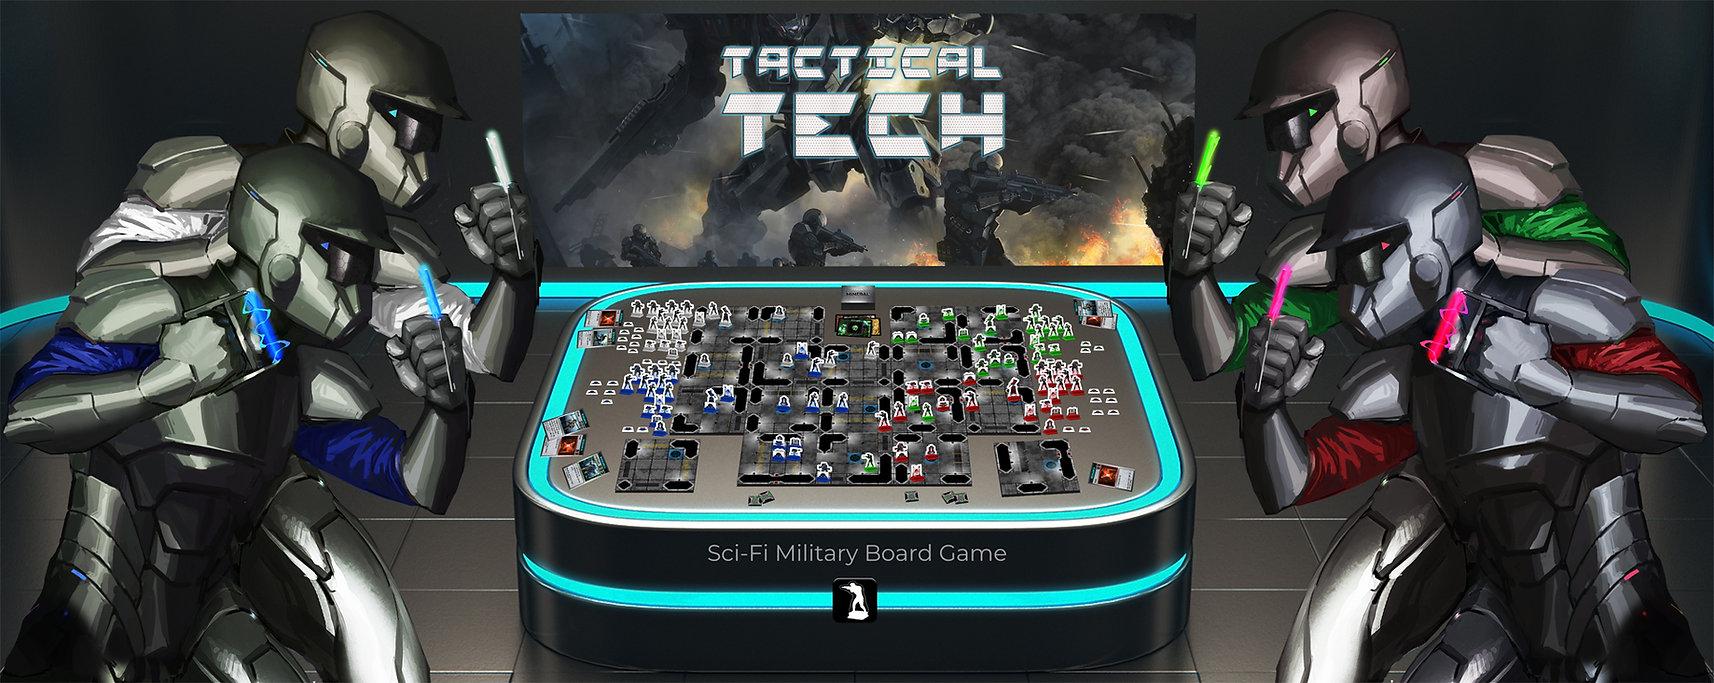 tactical-tech-landing-banner.jpg